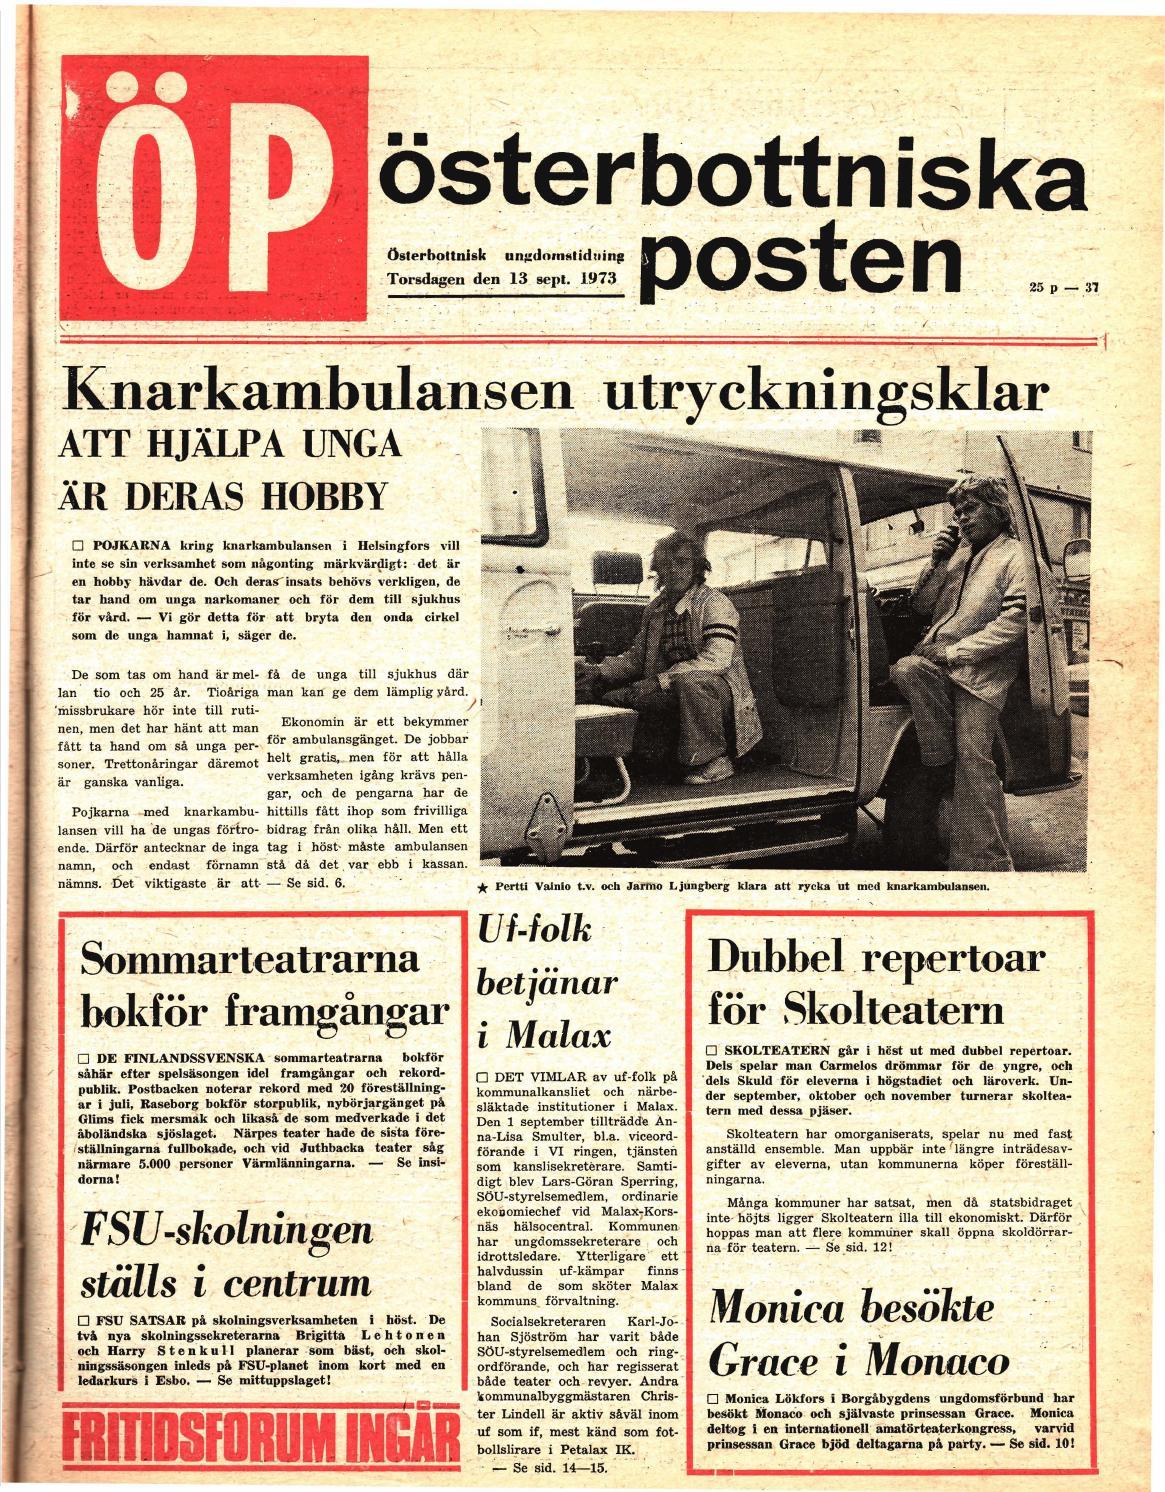 Österbottniska Posten (ÖP) nr. 37 1973 by Österbottniska Posten - issuu ff5c94320e3a0